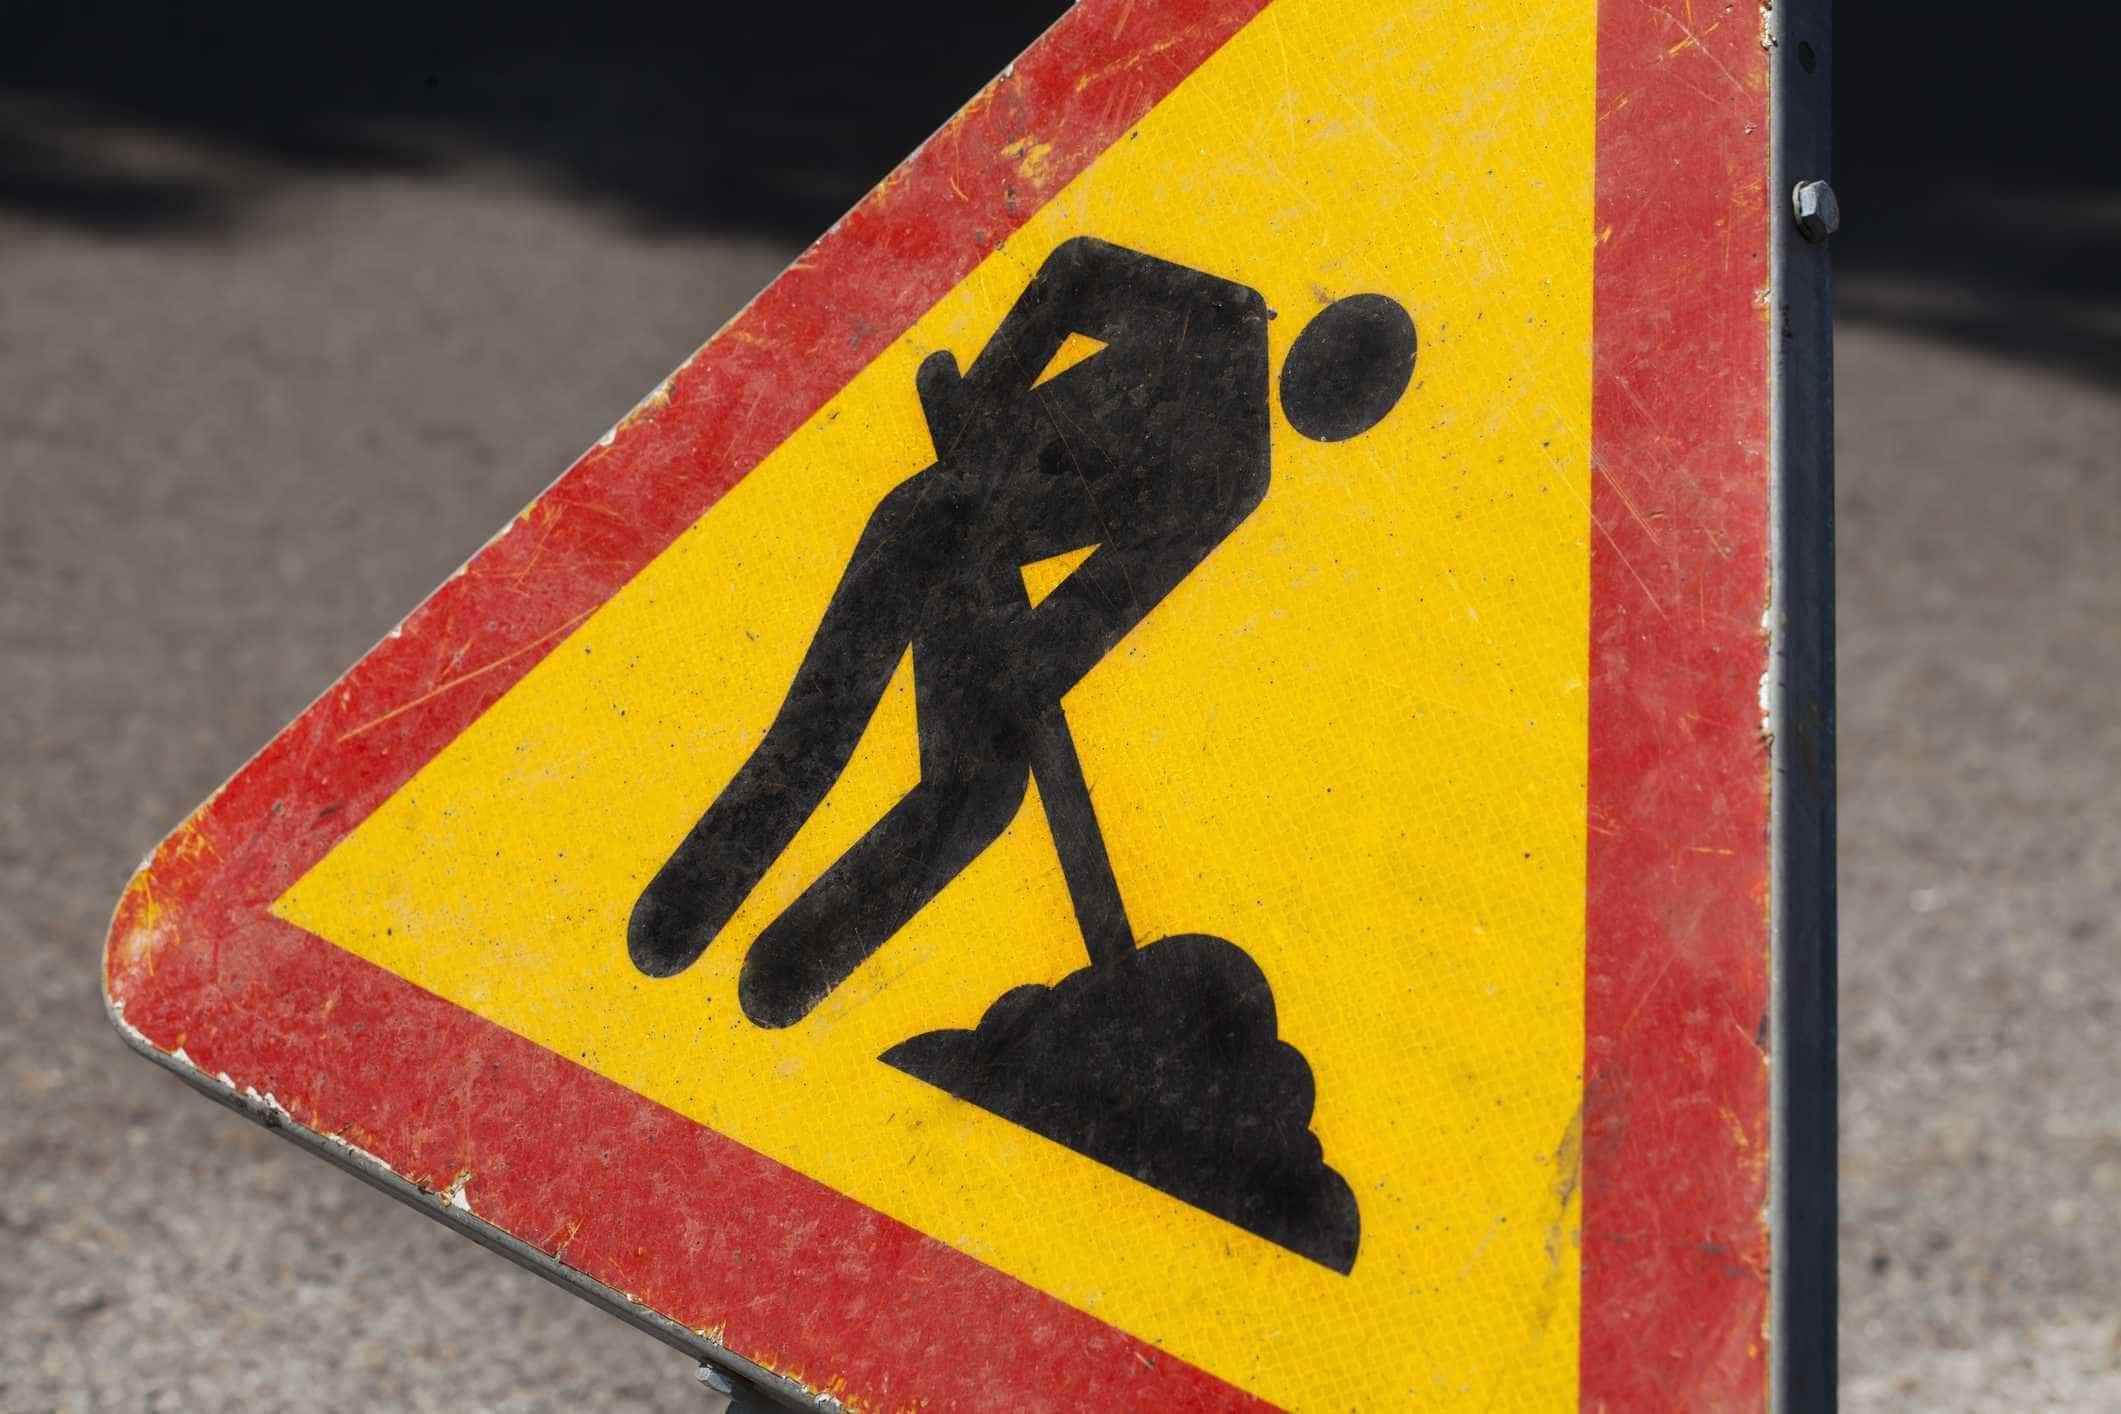 Dois trabalhadores morrem na ilha Graciosa após queda de passadiço